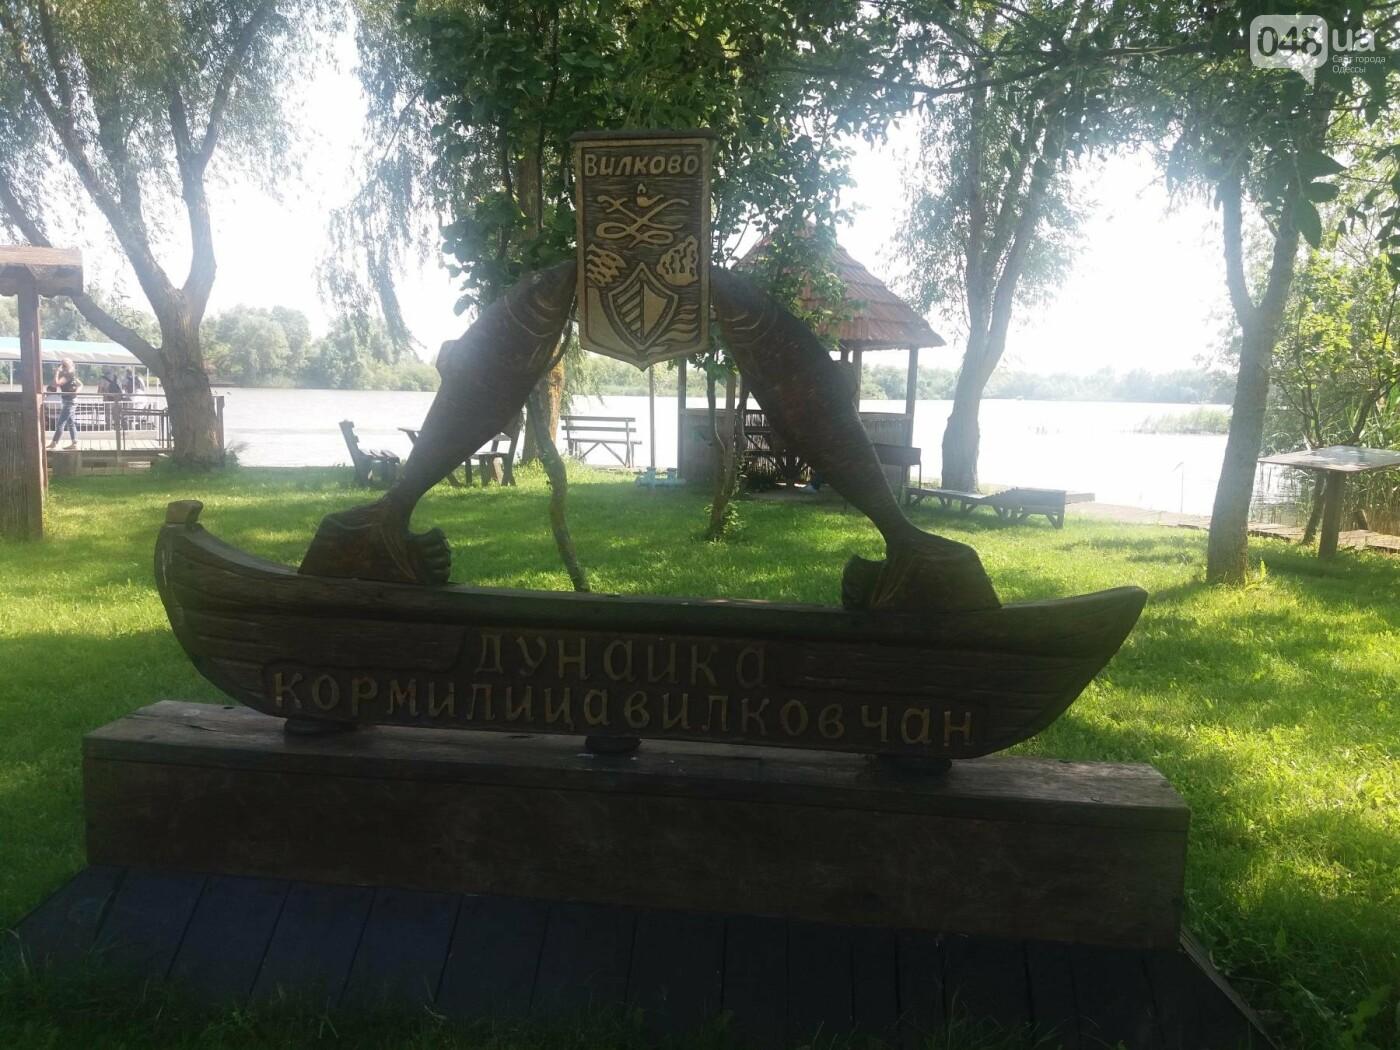 Под Одессой готовятся попасть в Книгу рекордов Гиннеса, - ФОТО, ВИДЕО , фото-4